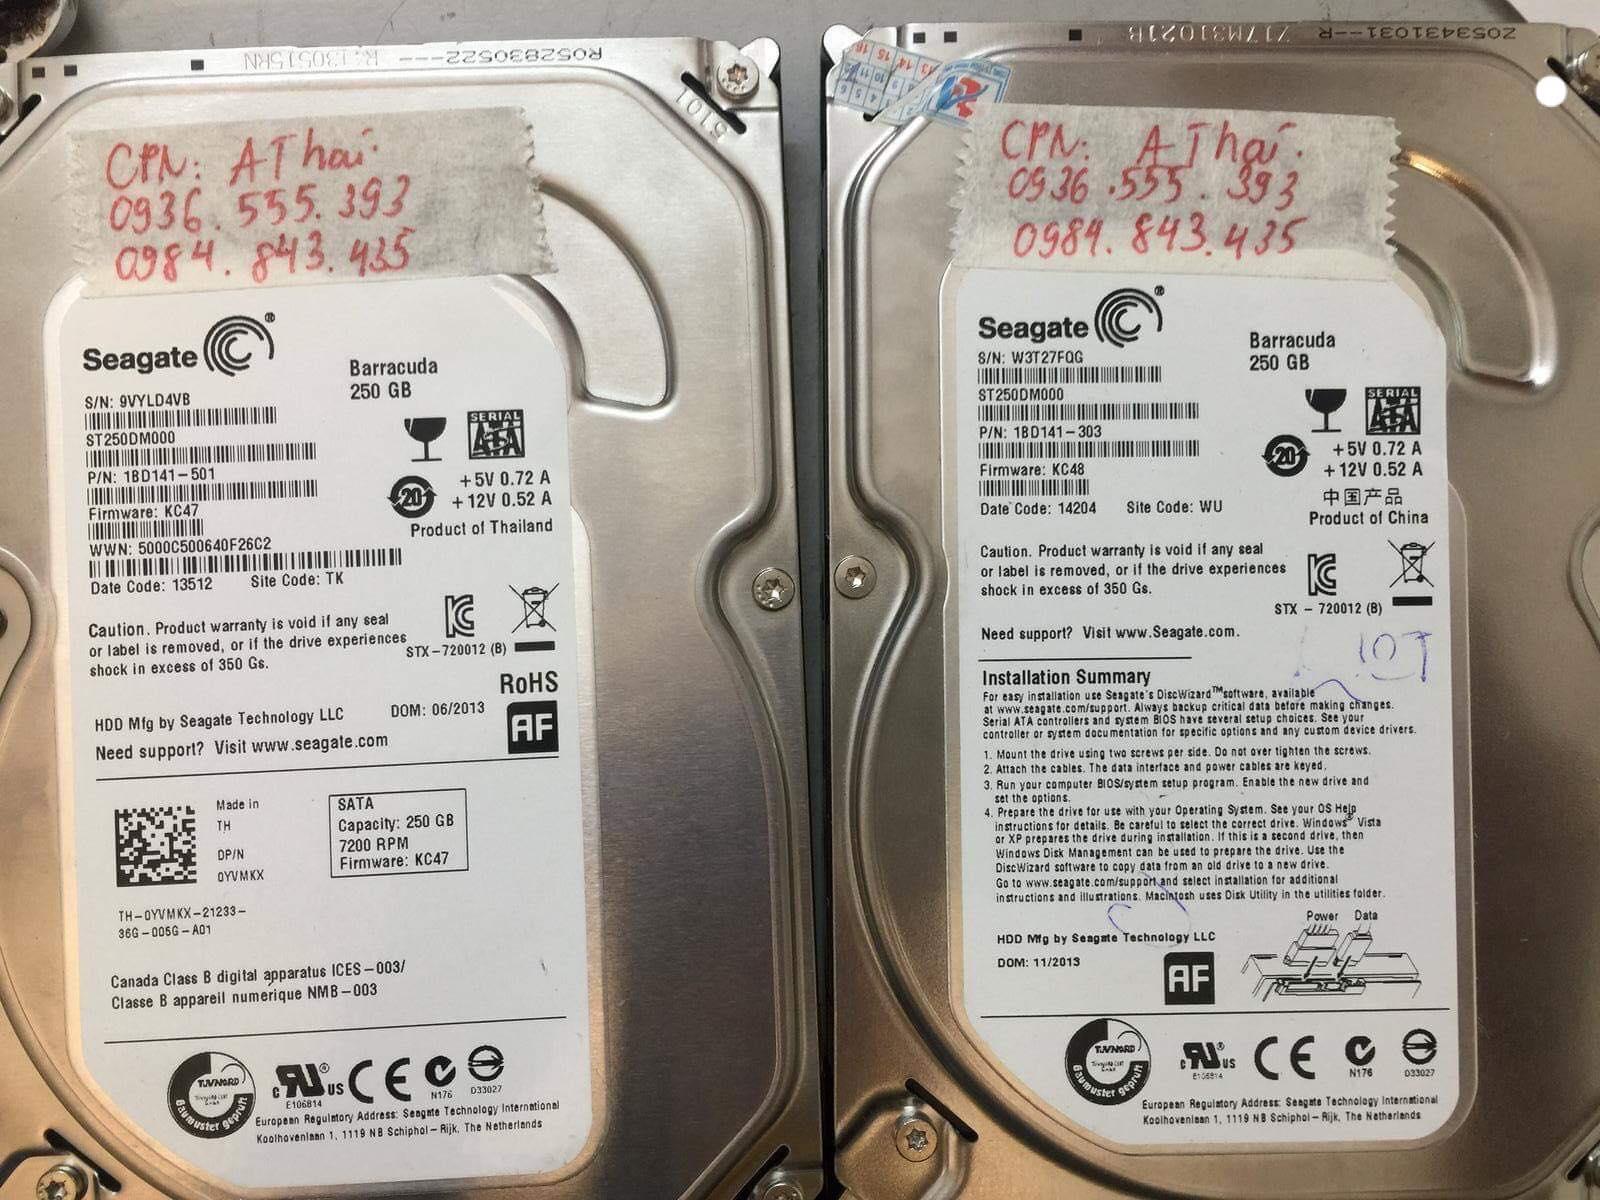 Phục hồi dữ liệu ổ cứng Seagate 250GB lỗi đầu đọc 25/12/2018 - cuumaytinh